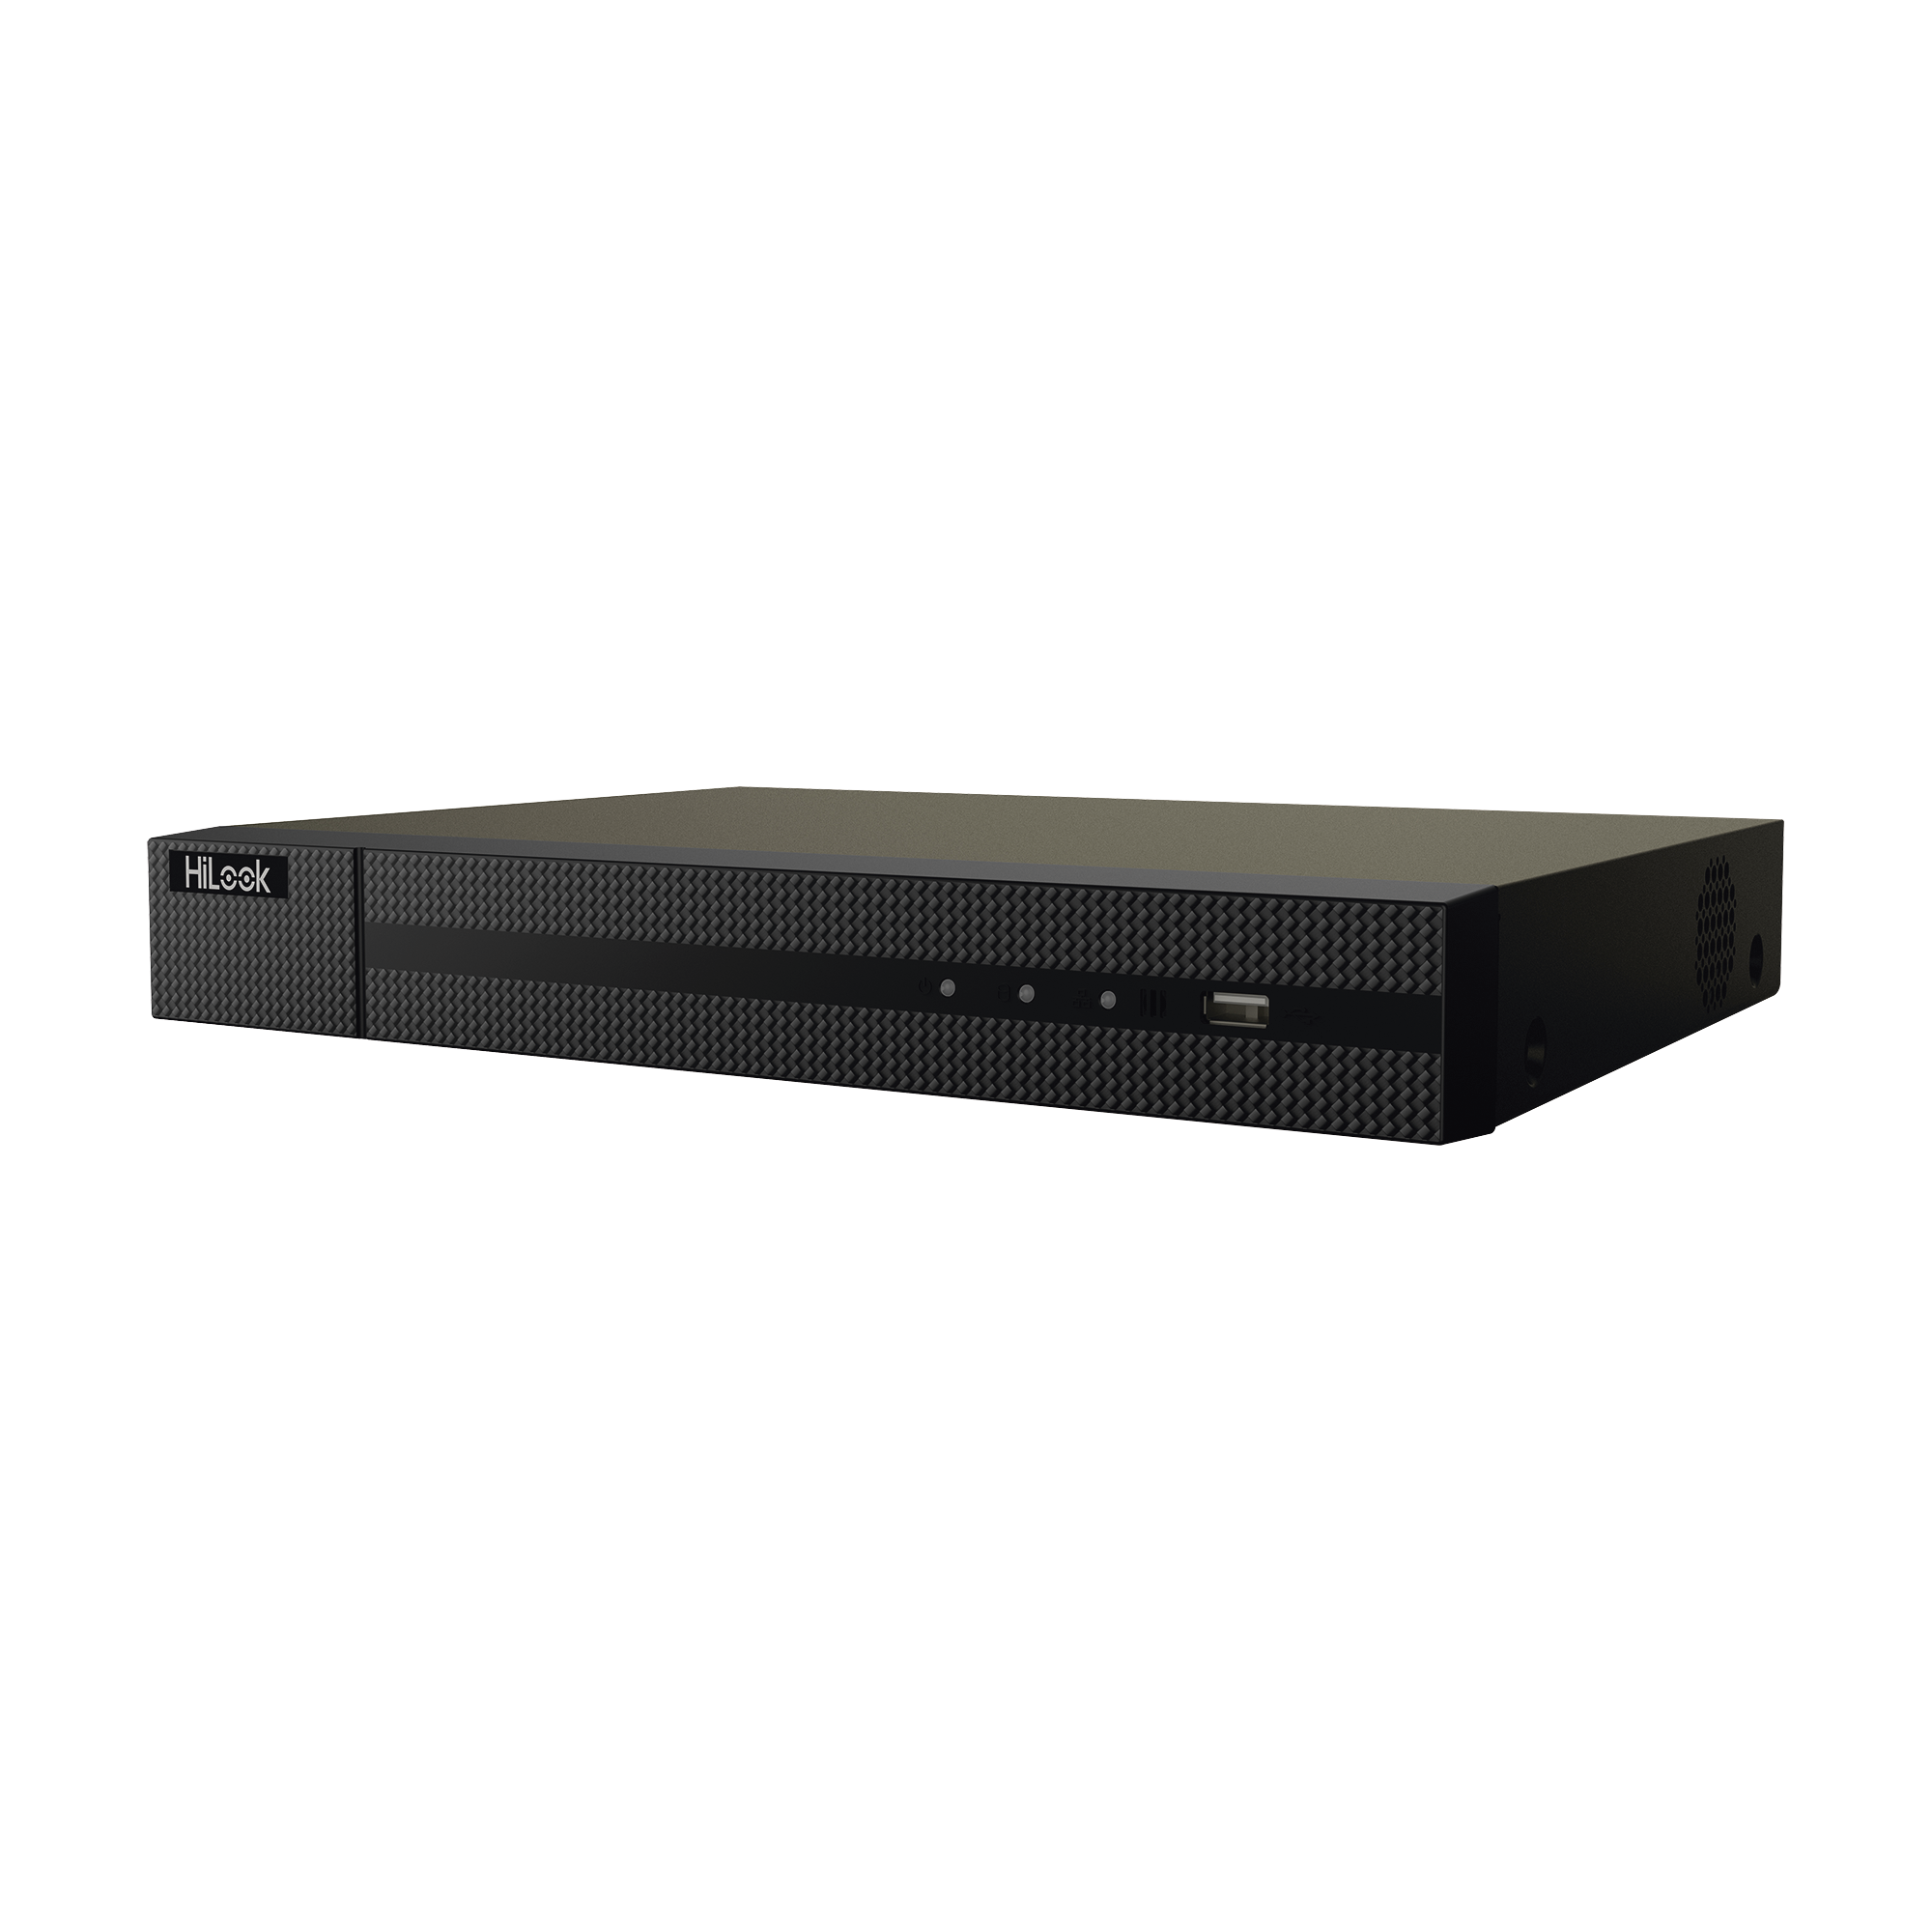 NVR 8 Megapixel (4K) / 16 Canales IP / 16 Puertos PoE+ / 2 Bahías de Disco Duro / HDMI en 4K